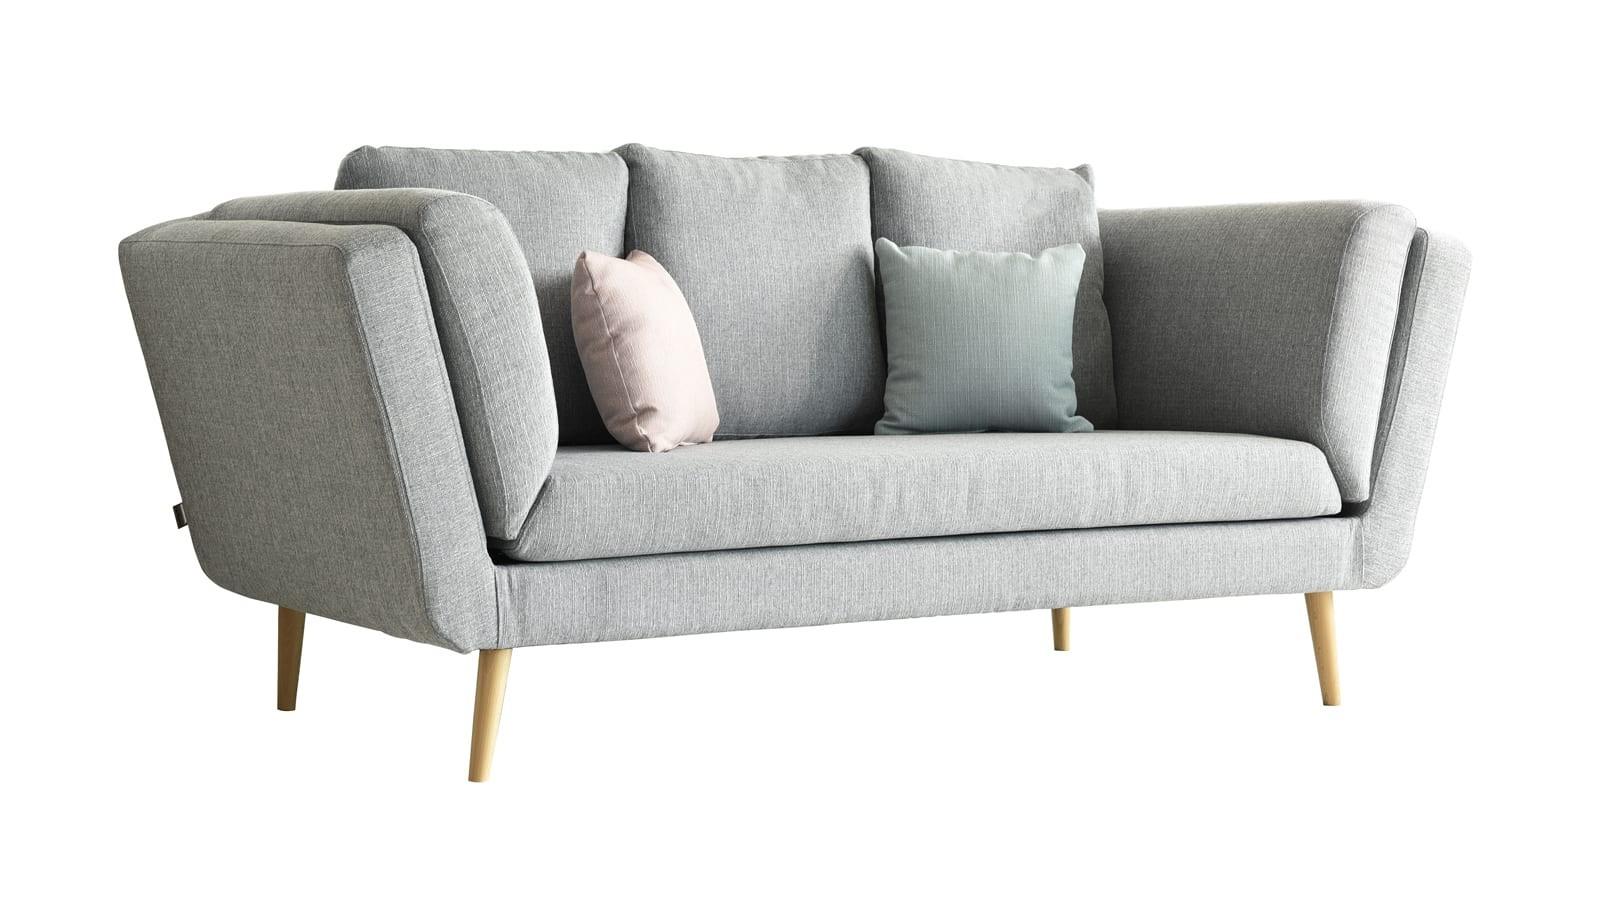 Canapé 3 places style scandinave en tissu maille gris